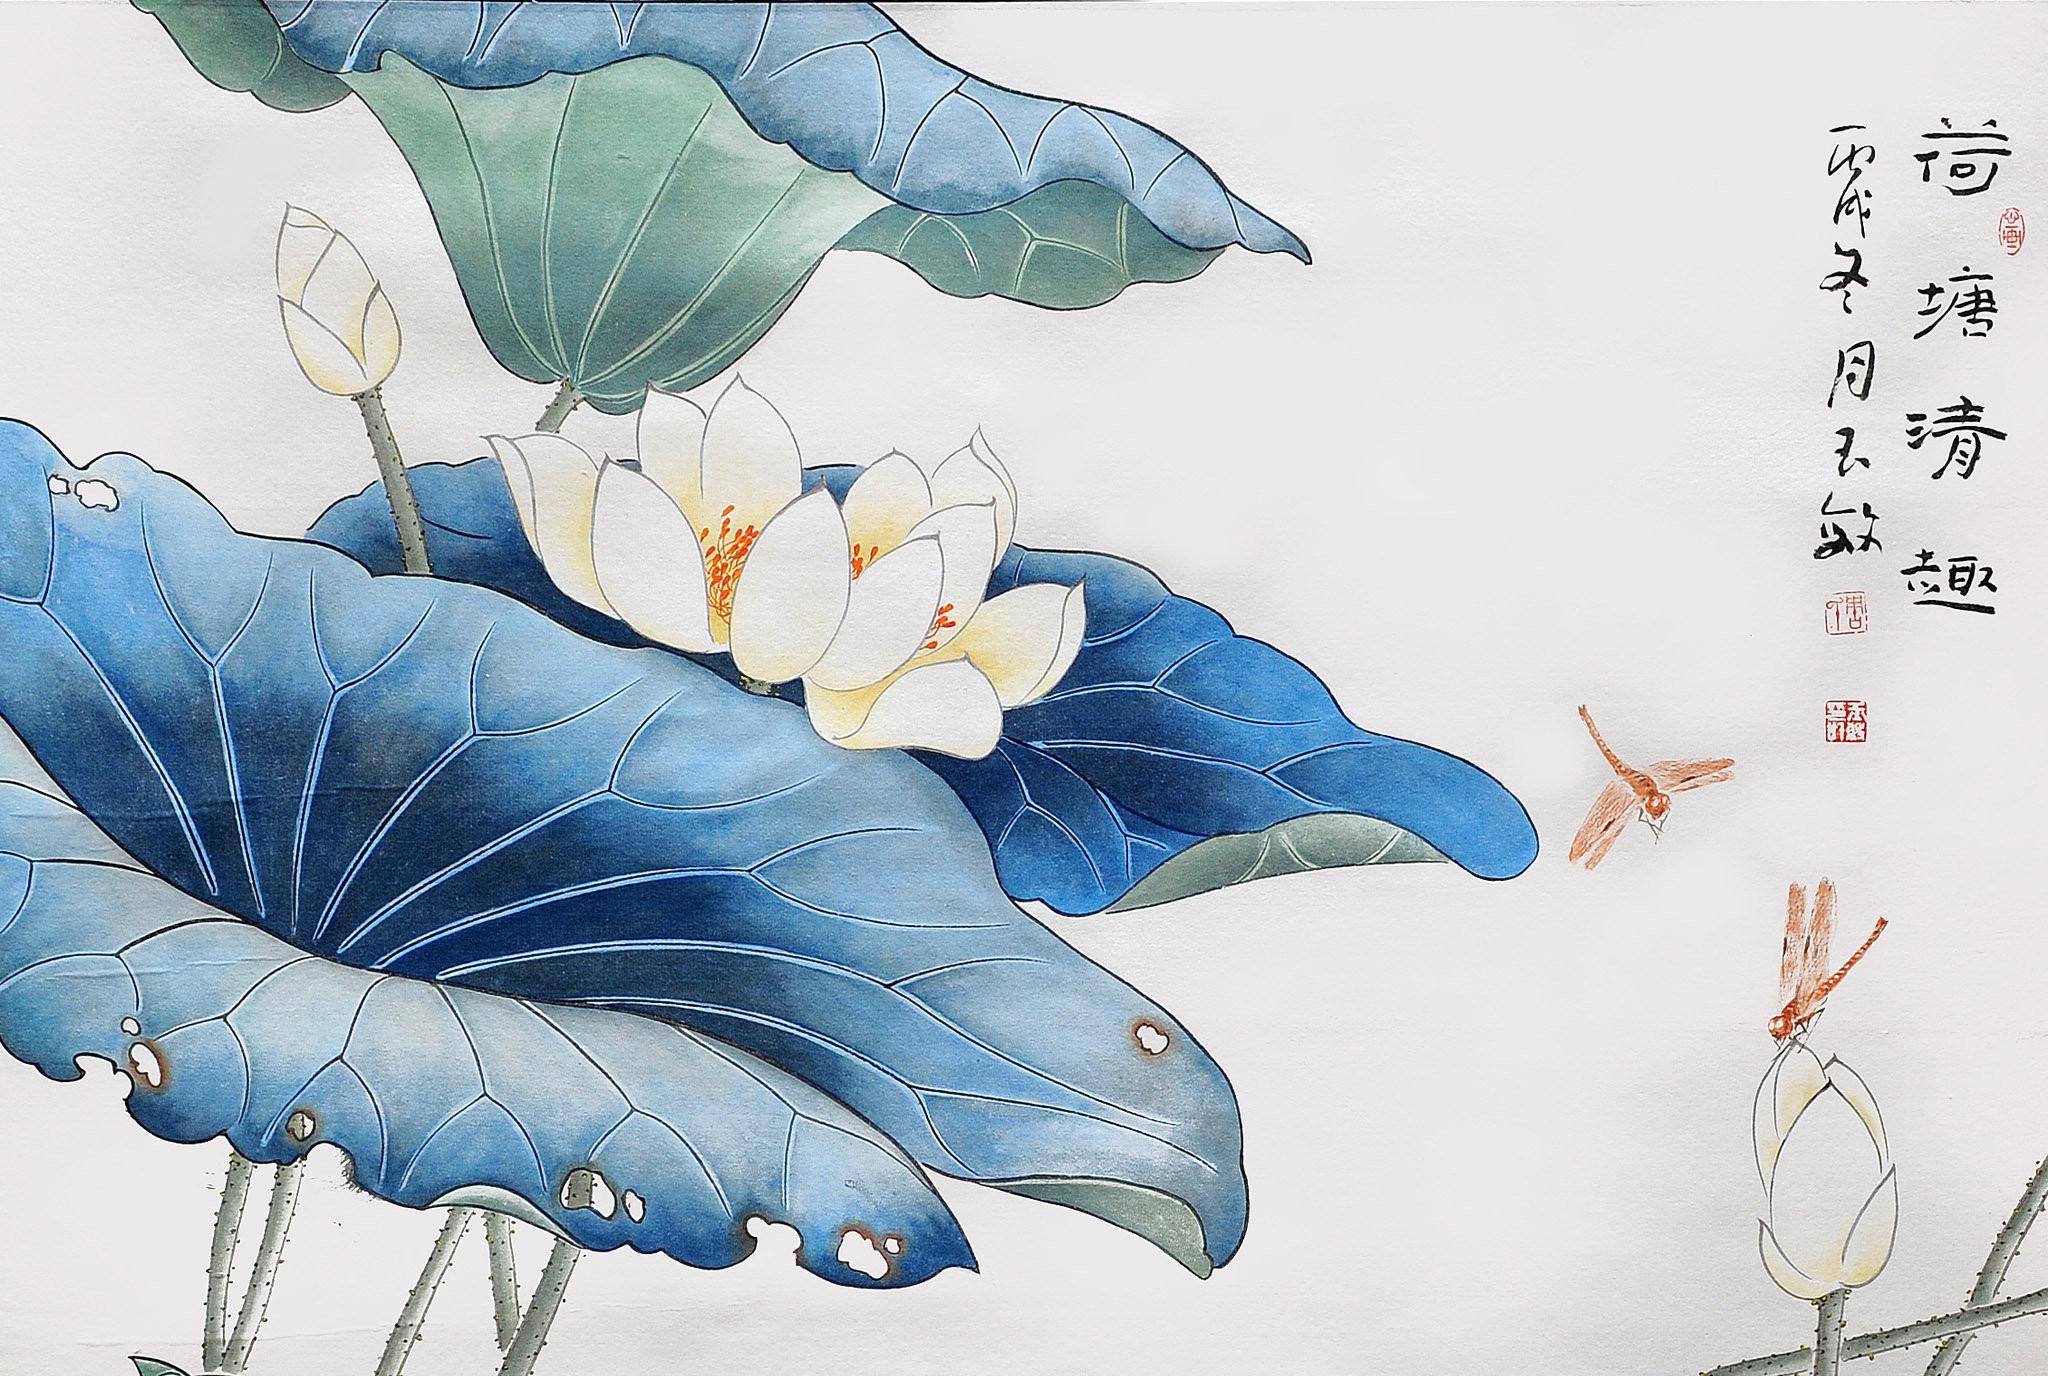 楼宇烈:中华人文精神的两大传统